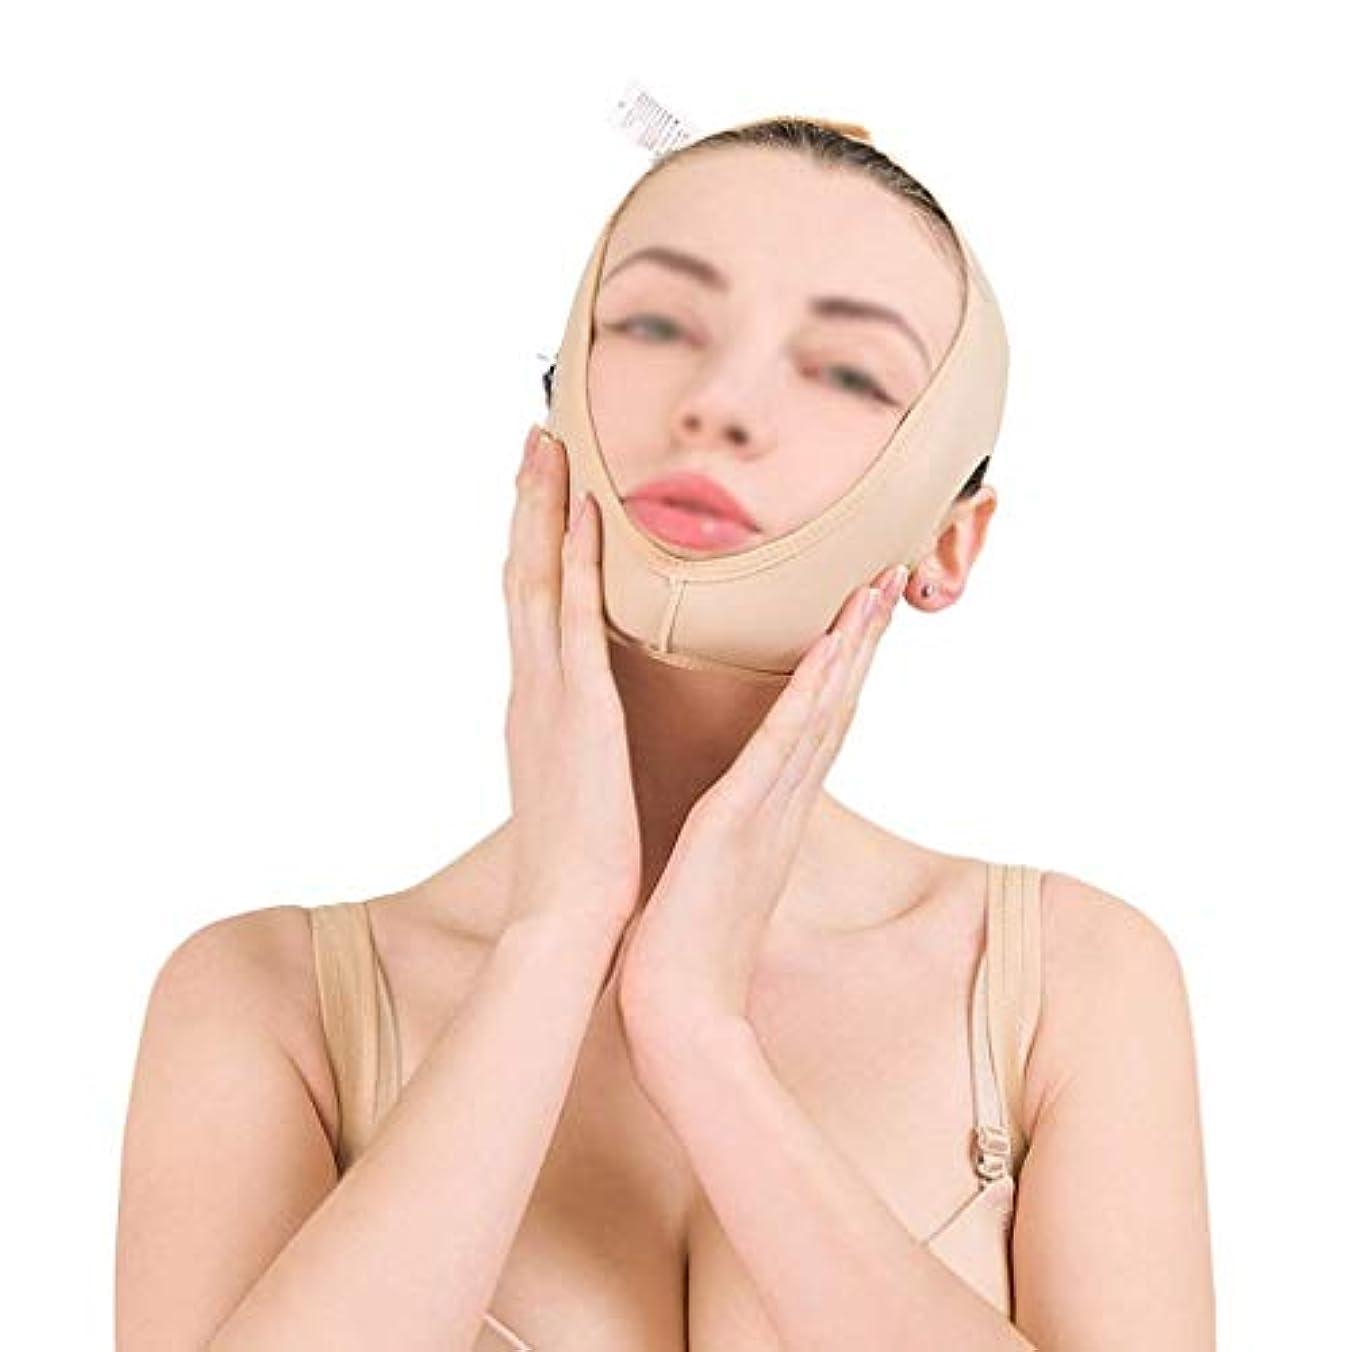 混合したに付ける薬理学マスク減量、肌の包帯を引き締めるリフティングフェイスバンド、フェイスリフティング、ダブルチンビューティバンデージ、フェイスリフト(サイズ:L),S